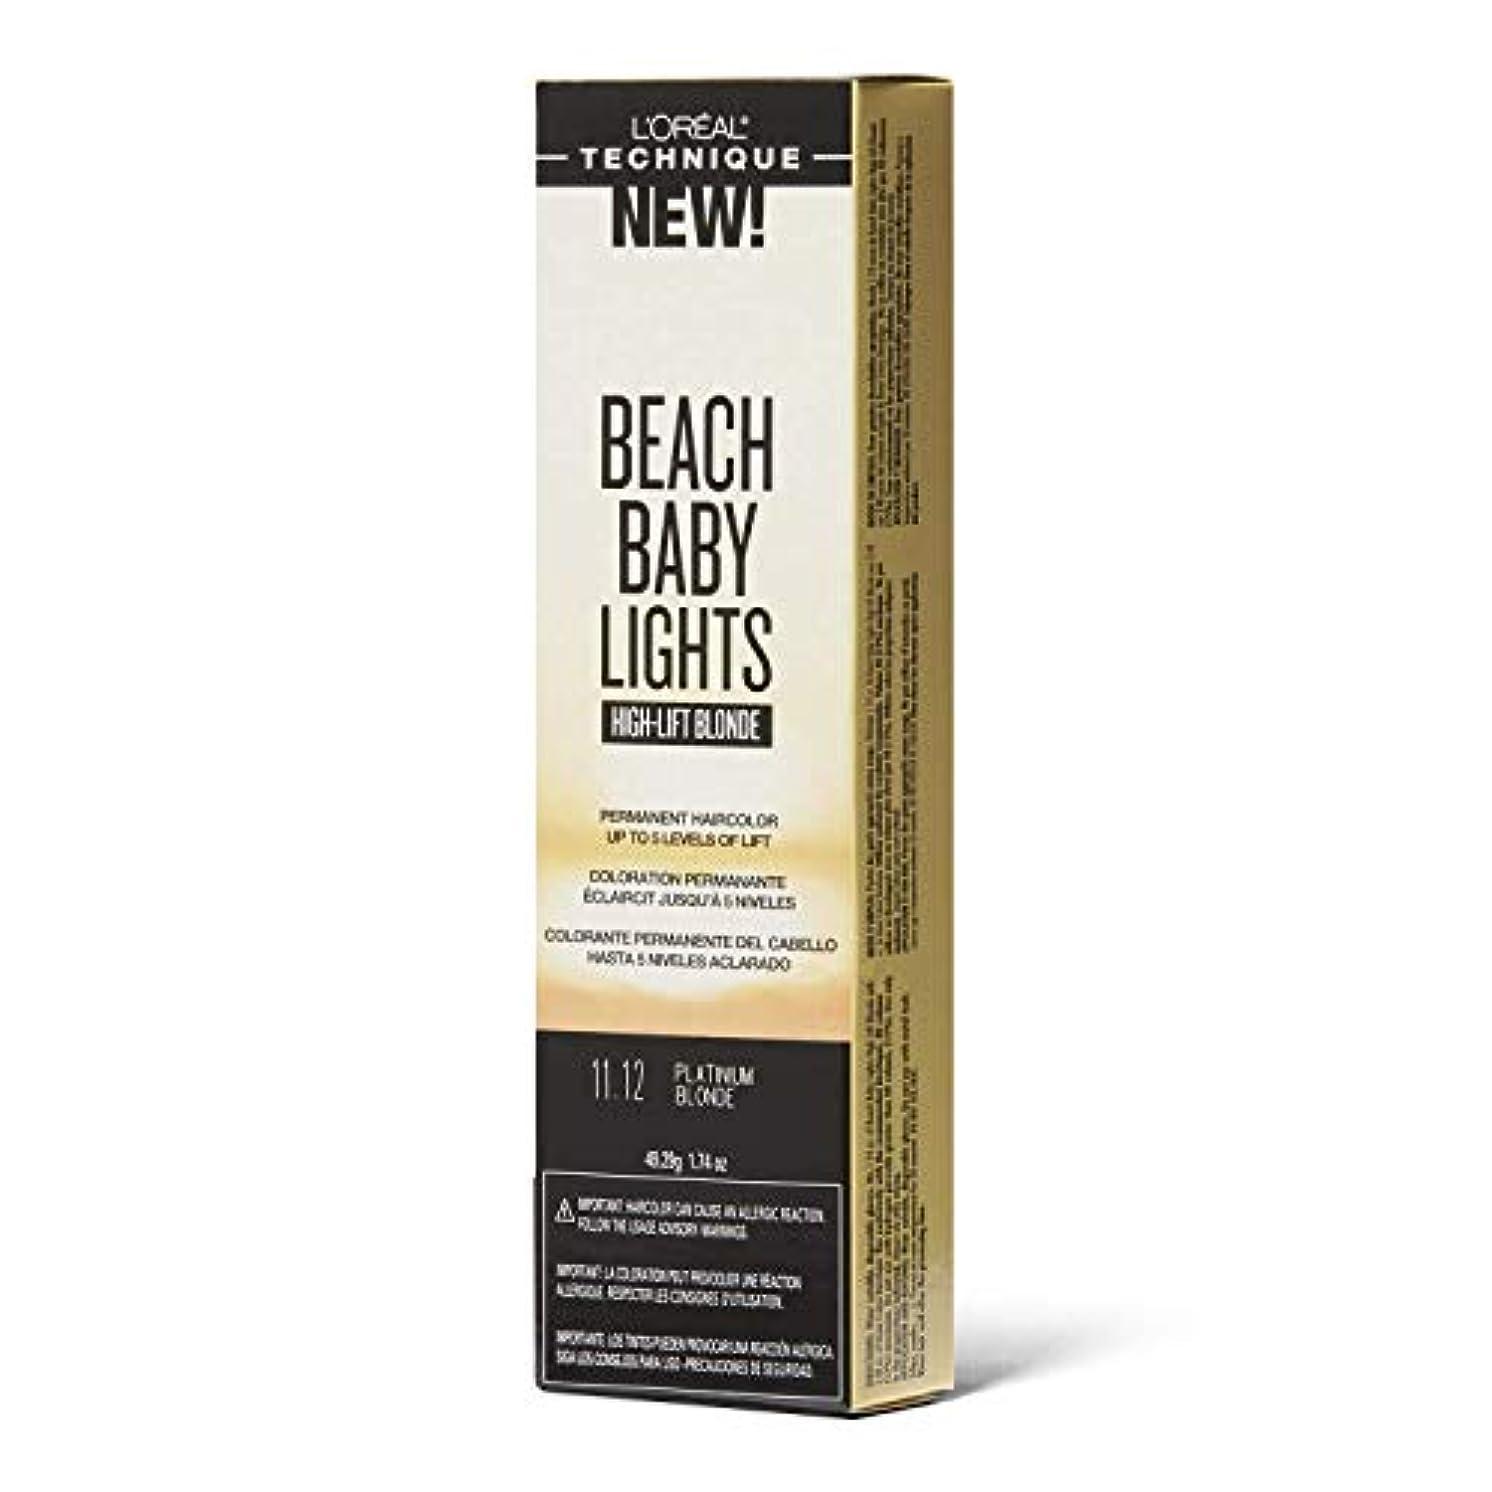 側偶然のグレーL'Oreal Paris L'Orealのビーチ赤ちゃんライトハイリフトプラチナブロンド11.12プラチナブロンド